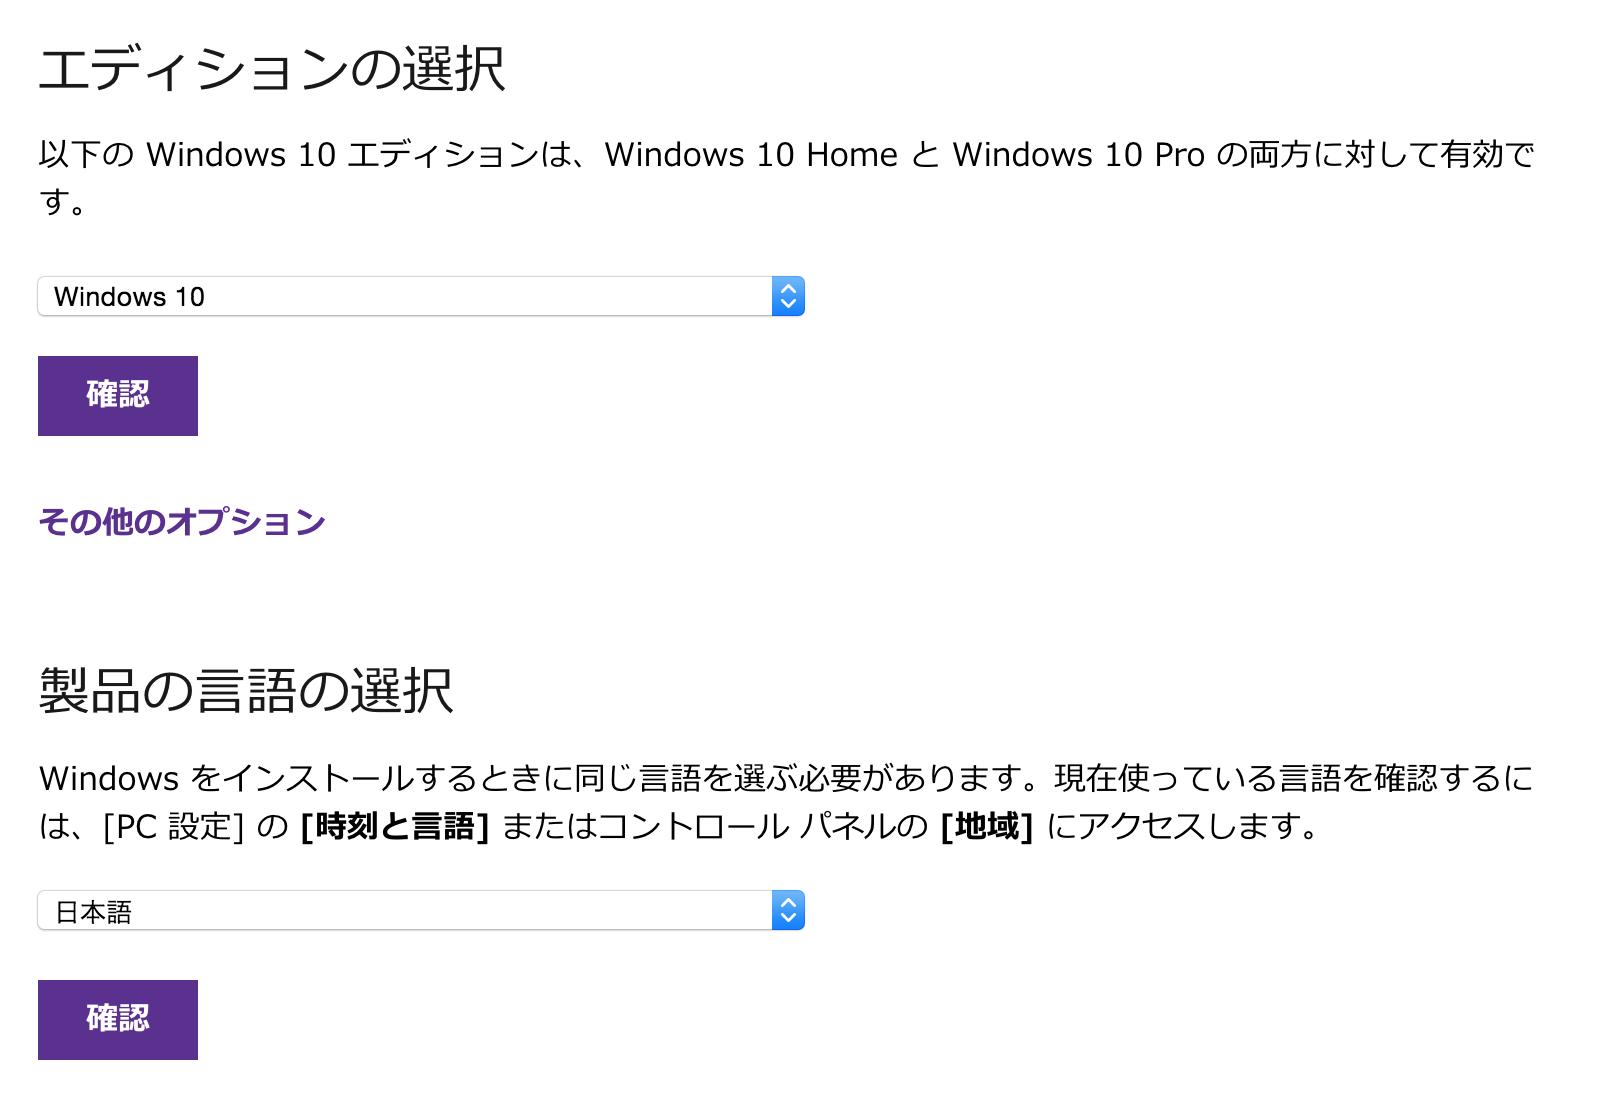 スクリーンショット 2015-08-18 13.28.39